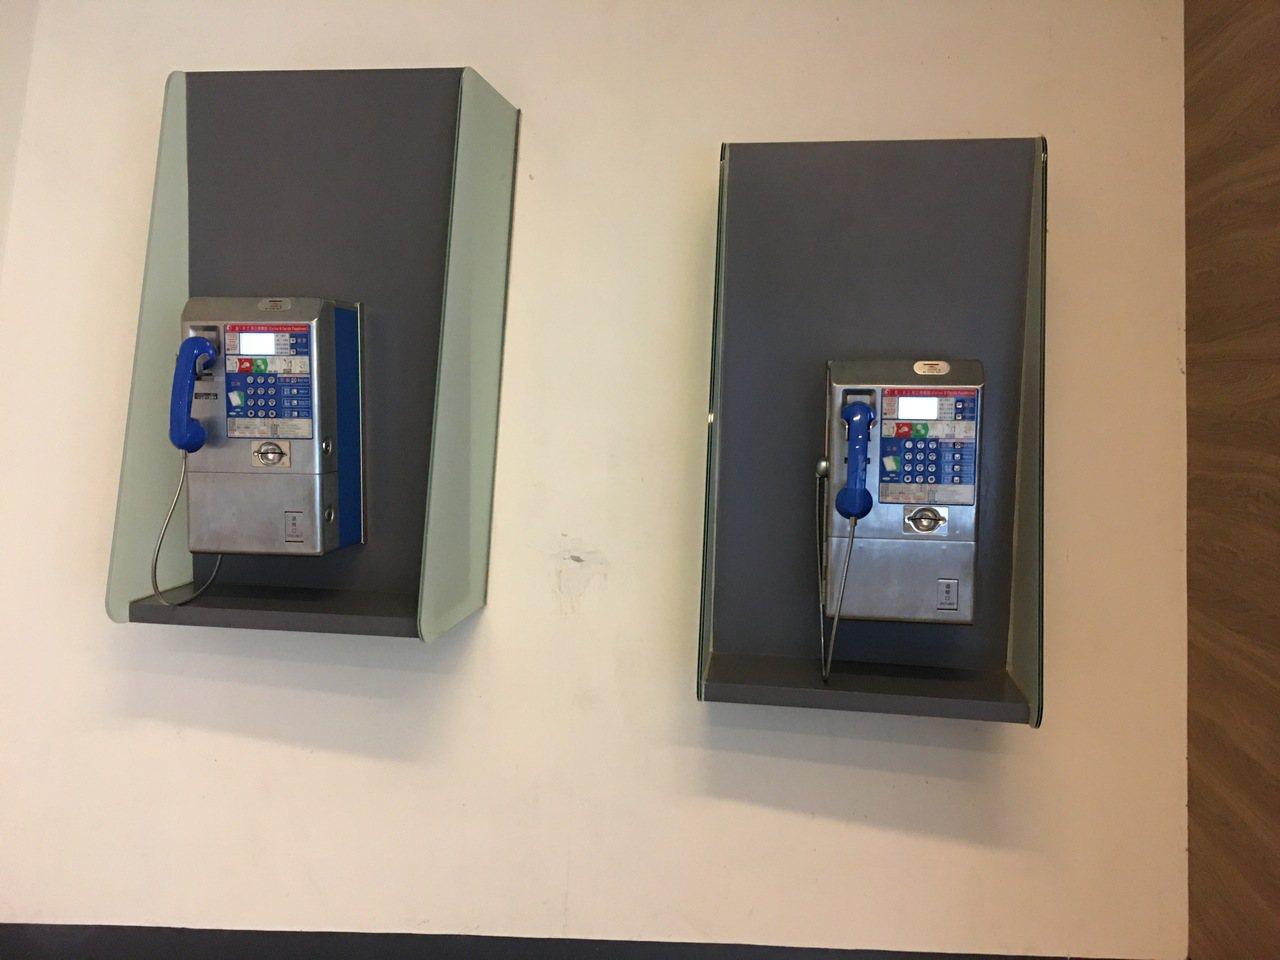 國立海洋科技博物館的公共電話是設置於區域探索館區,由主題館區前往必須走五分鐘左右...